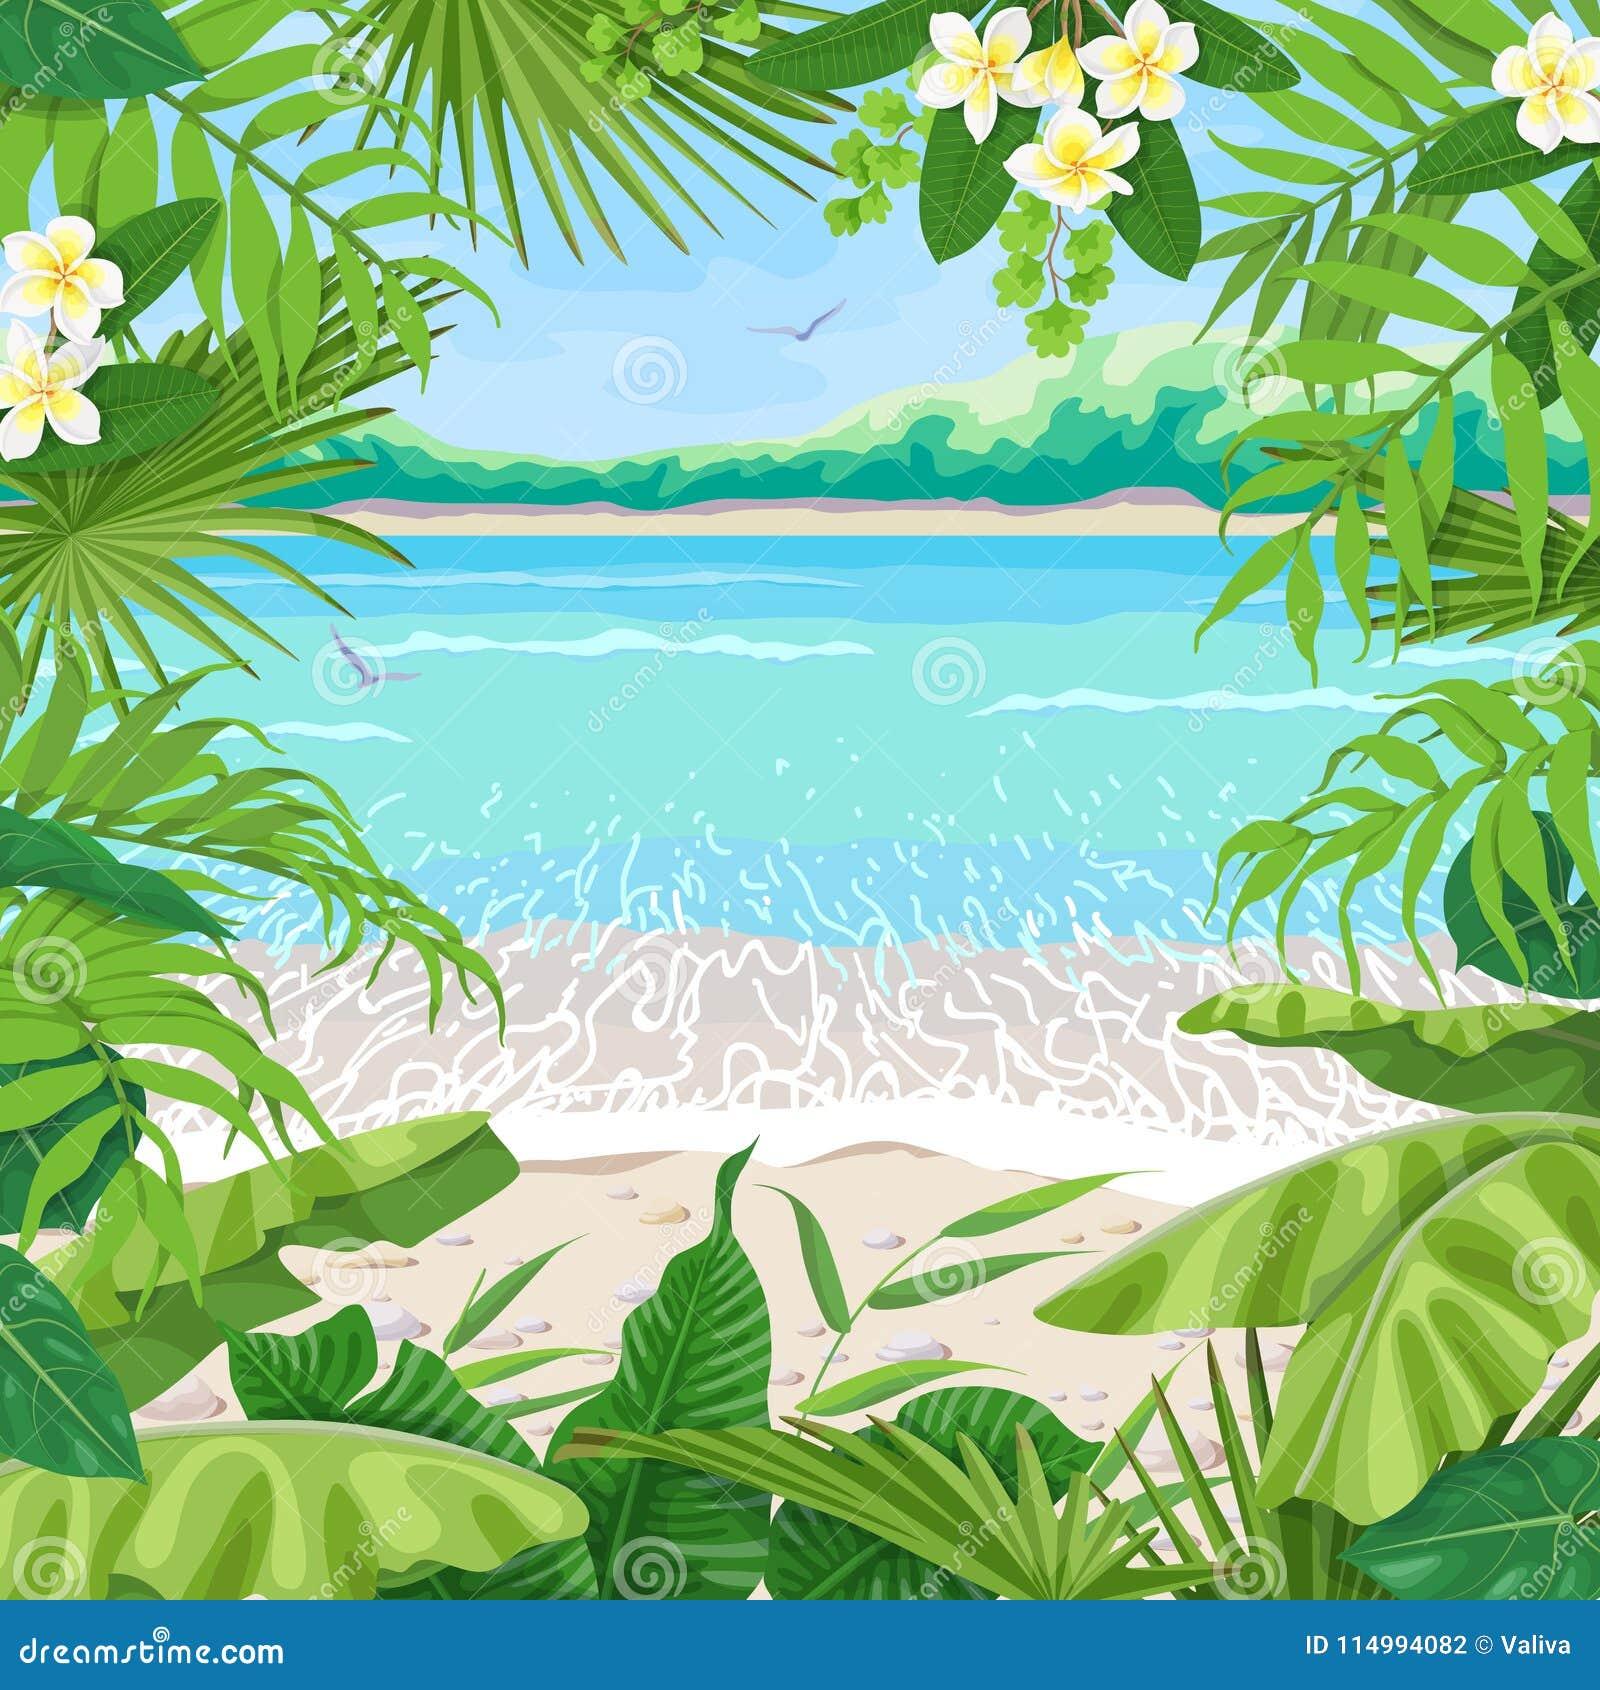 Sommer-Hintergrund Mit Tropischem Rahmen Auf Küste Vektor Abbildung ...